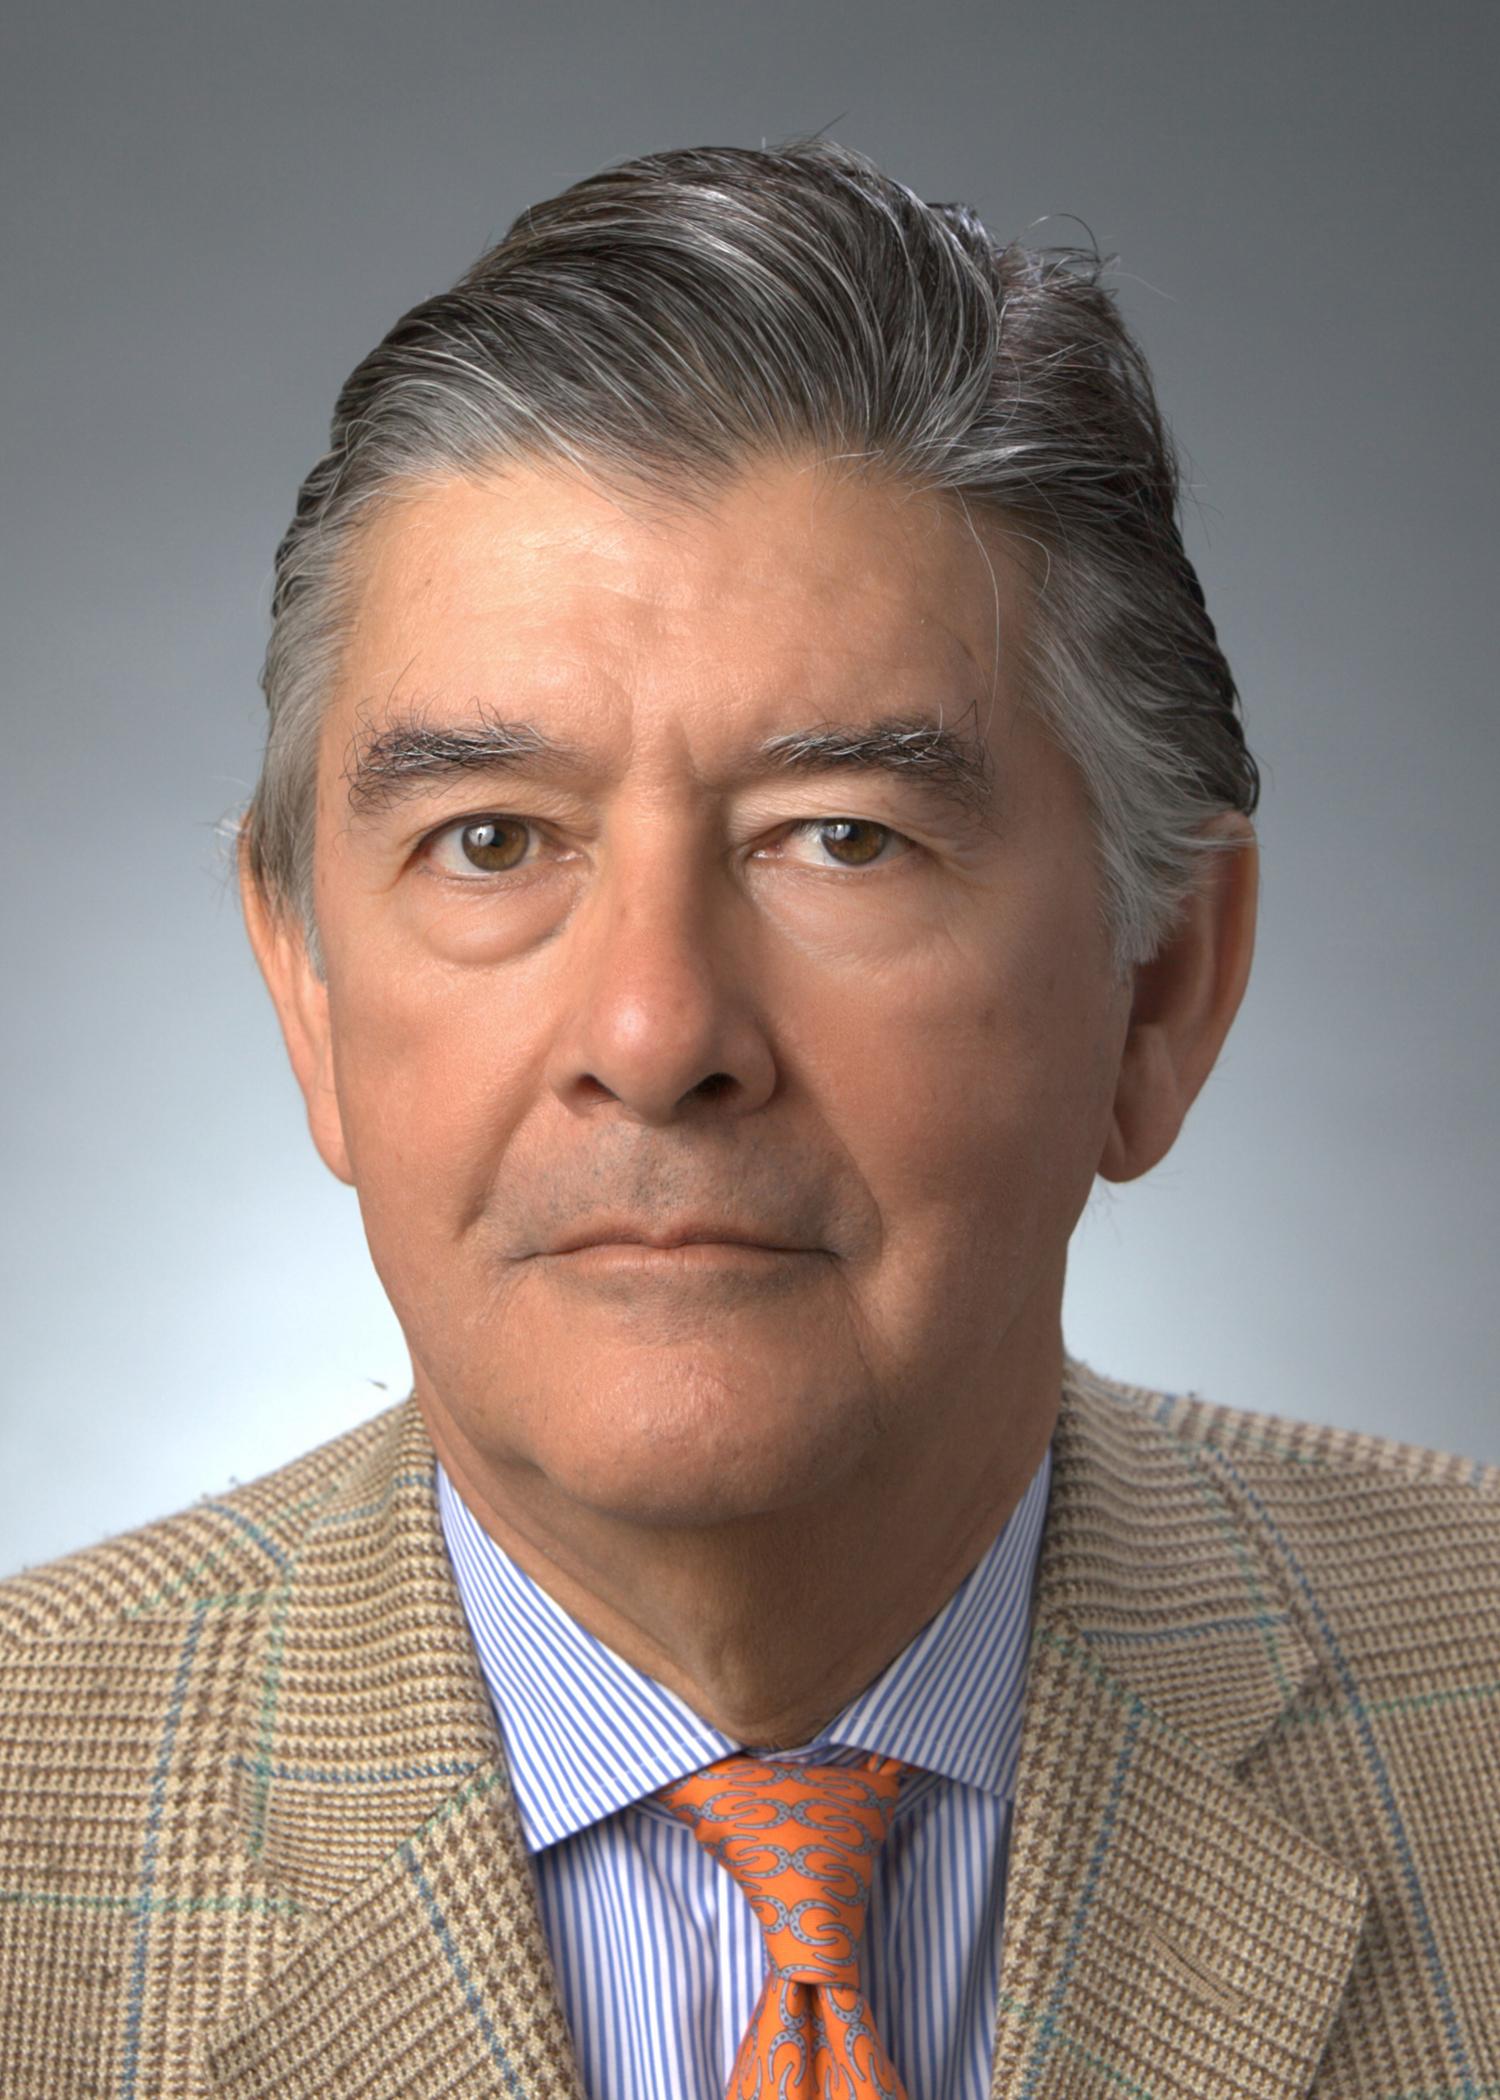 Victor Vilaplana: of counsel at Foley & Lardner